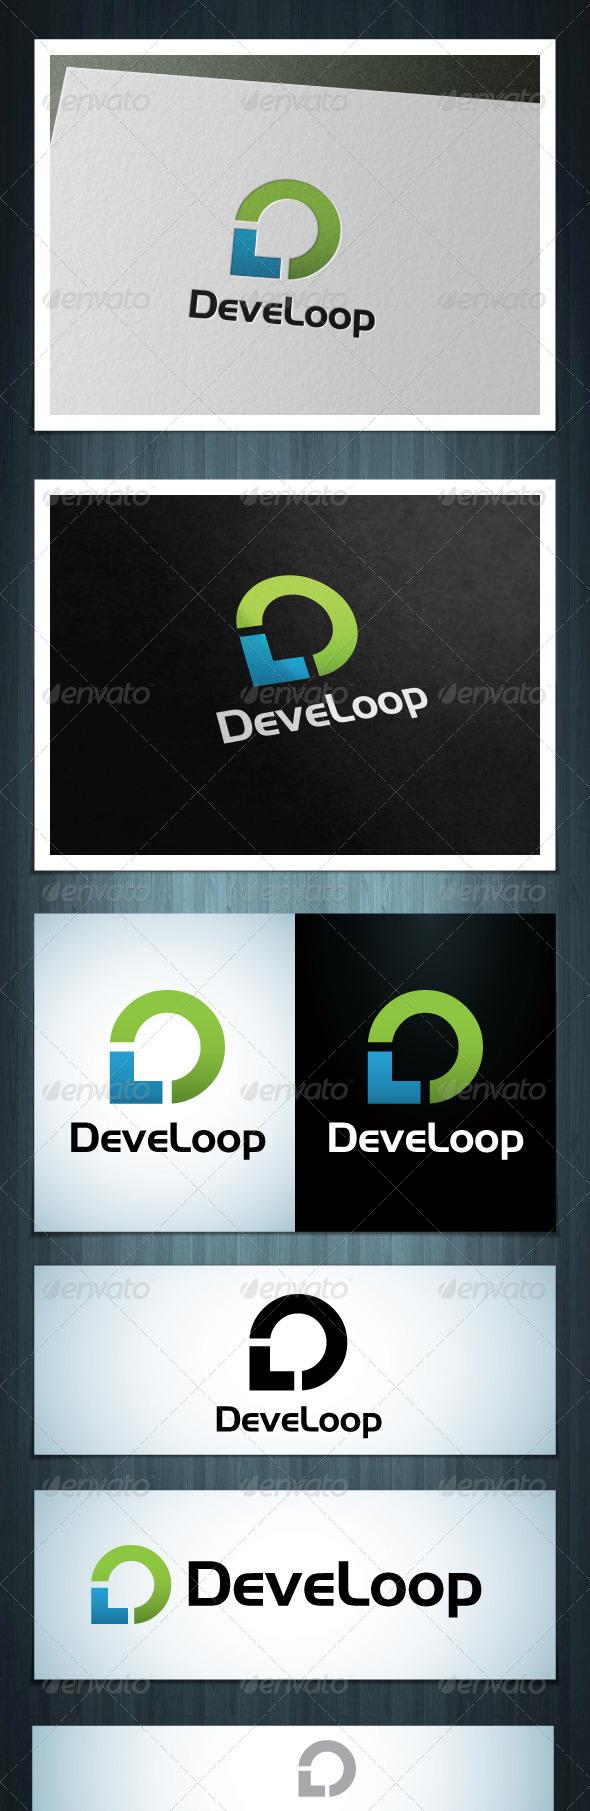 Logos para Empresas de Desarrollo.